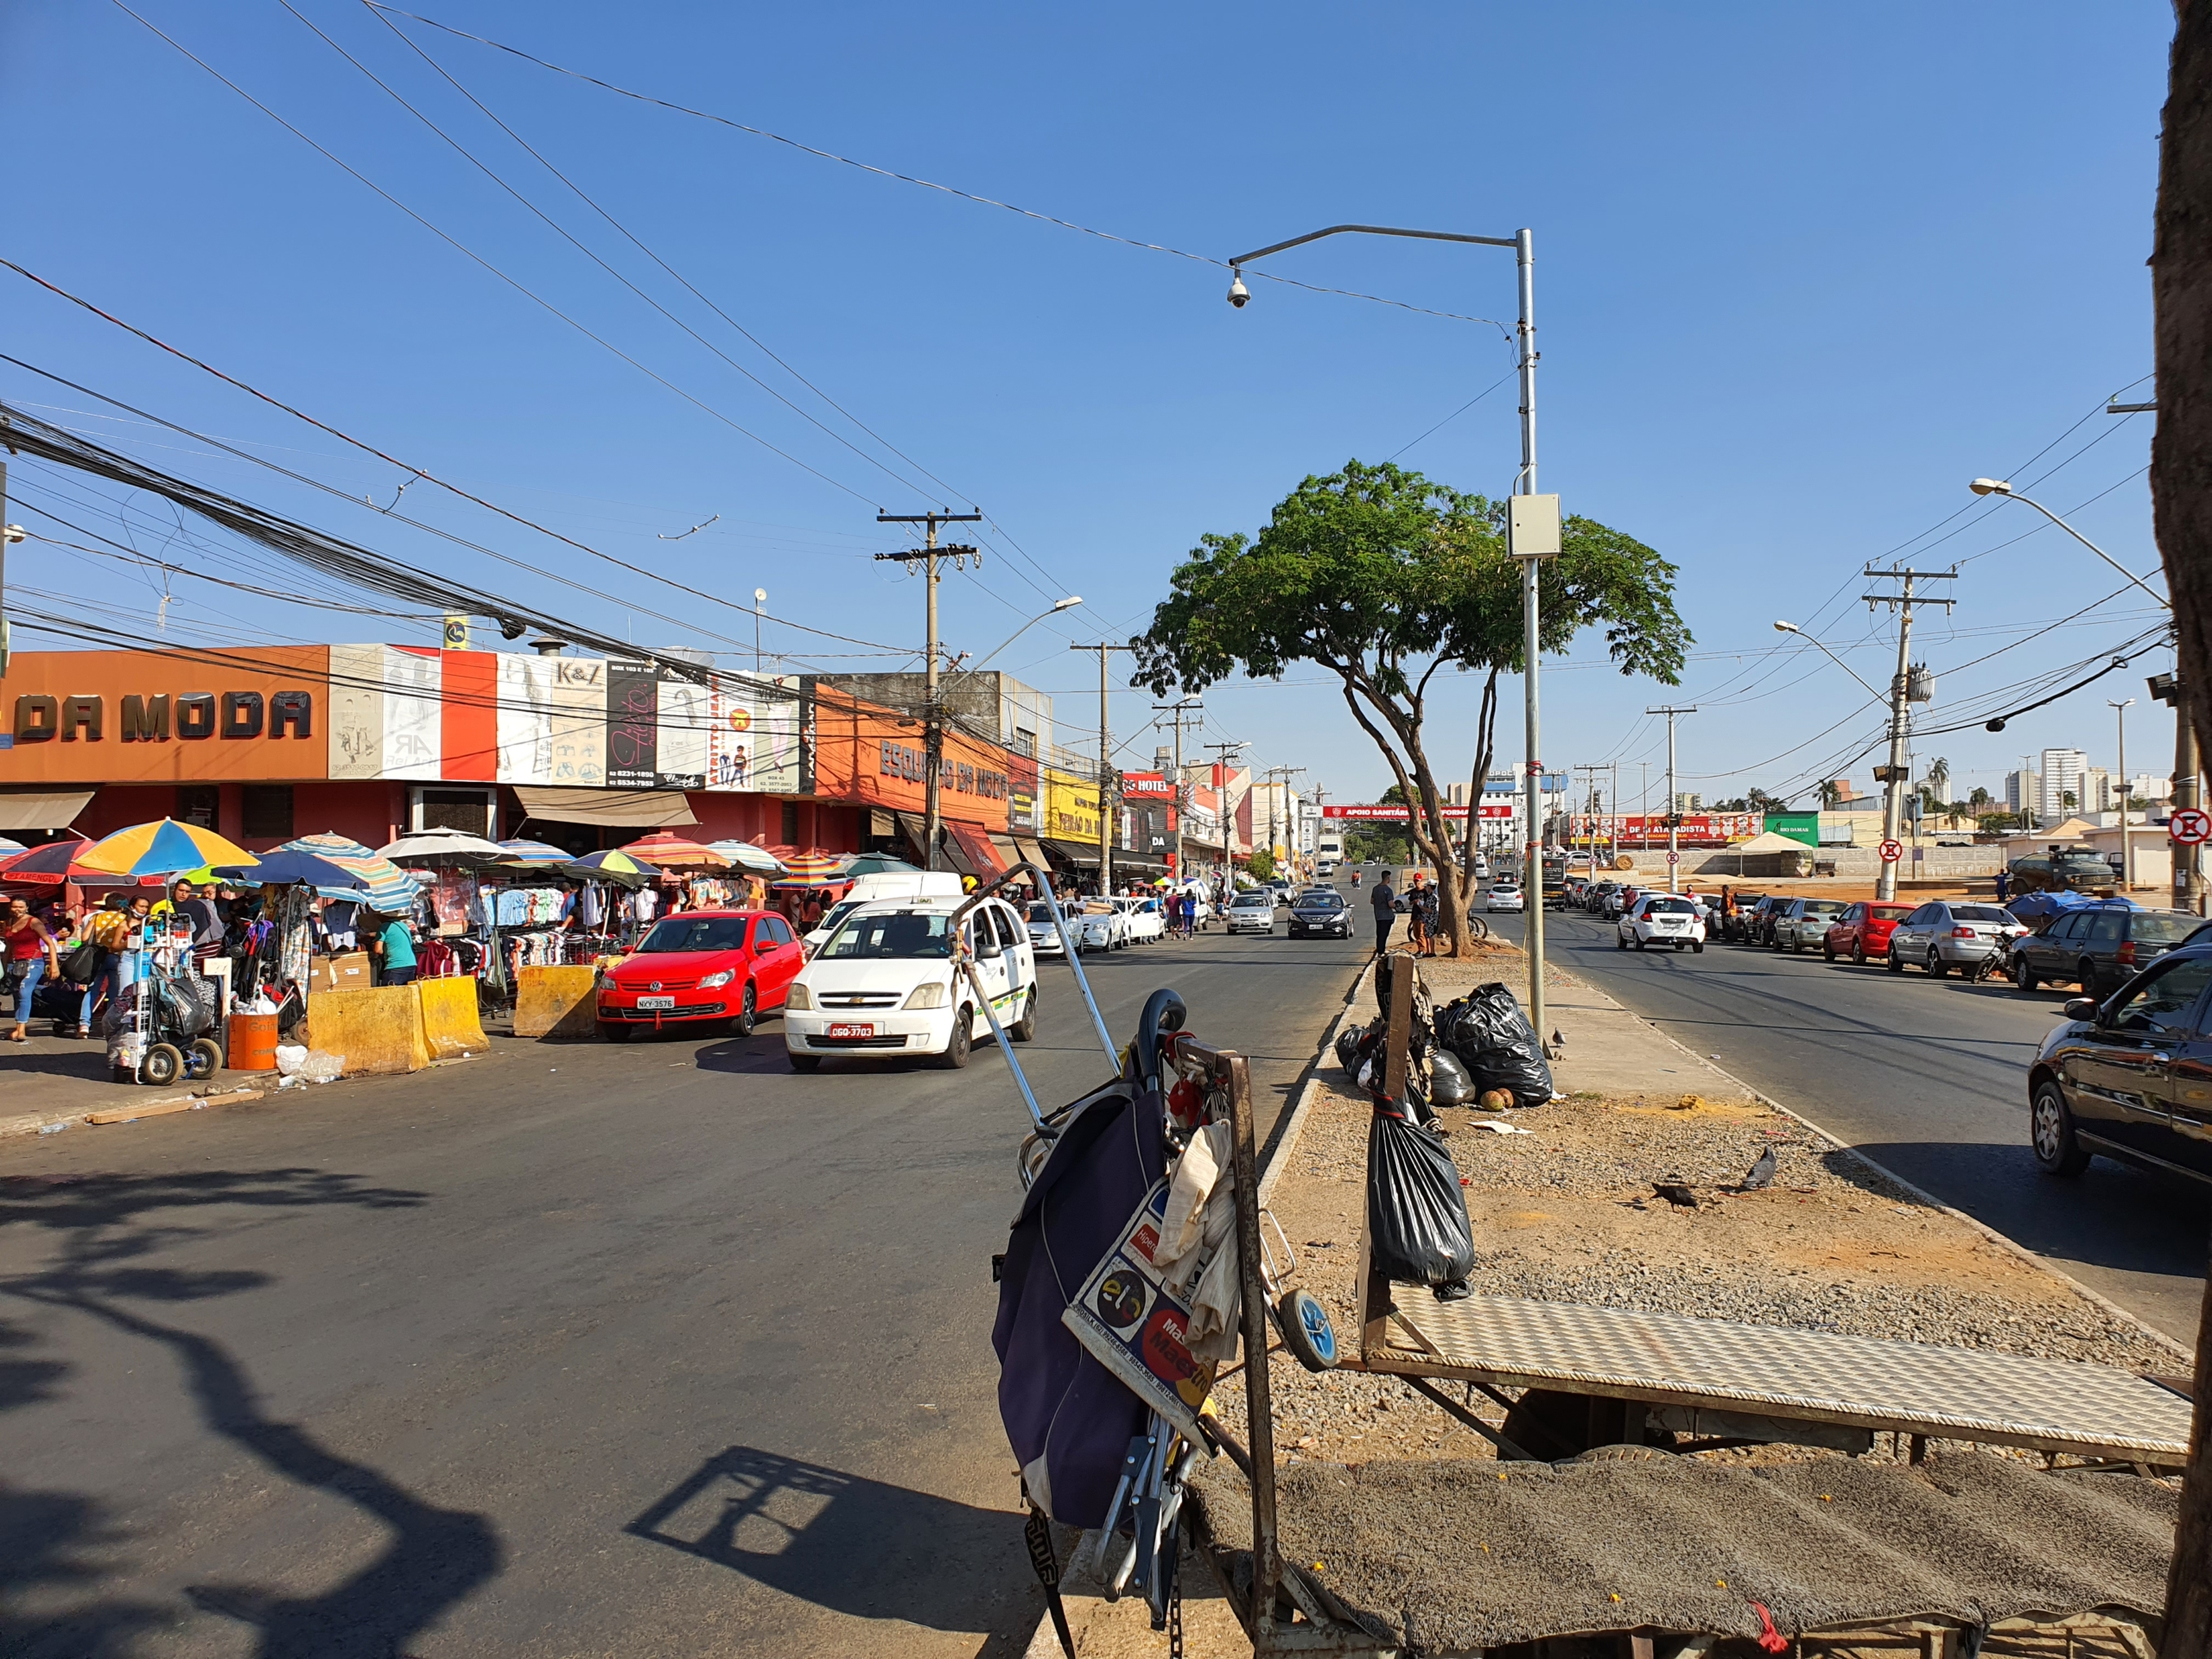 Rua 44 Goiânia – Conheça o maior Polo de Roupas no Atacado de Goiás.